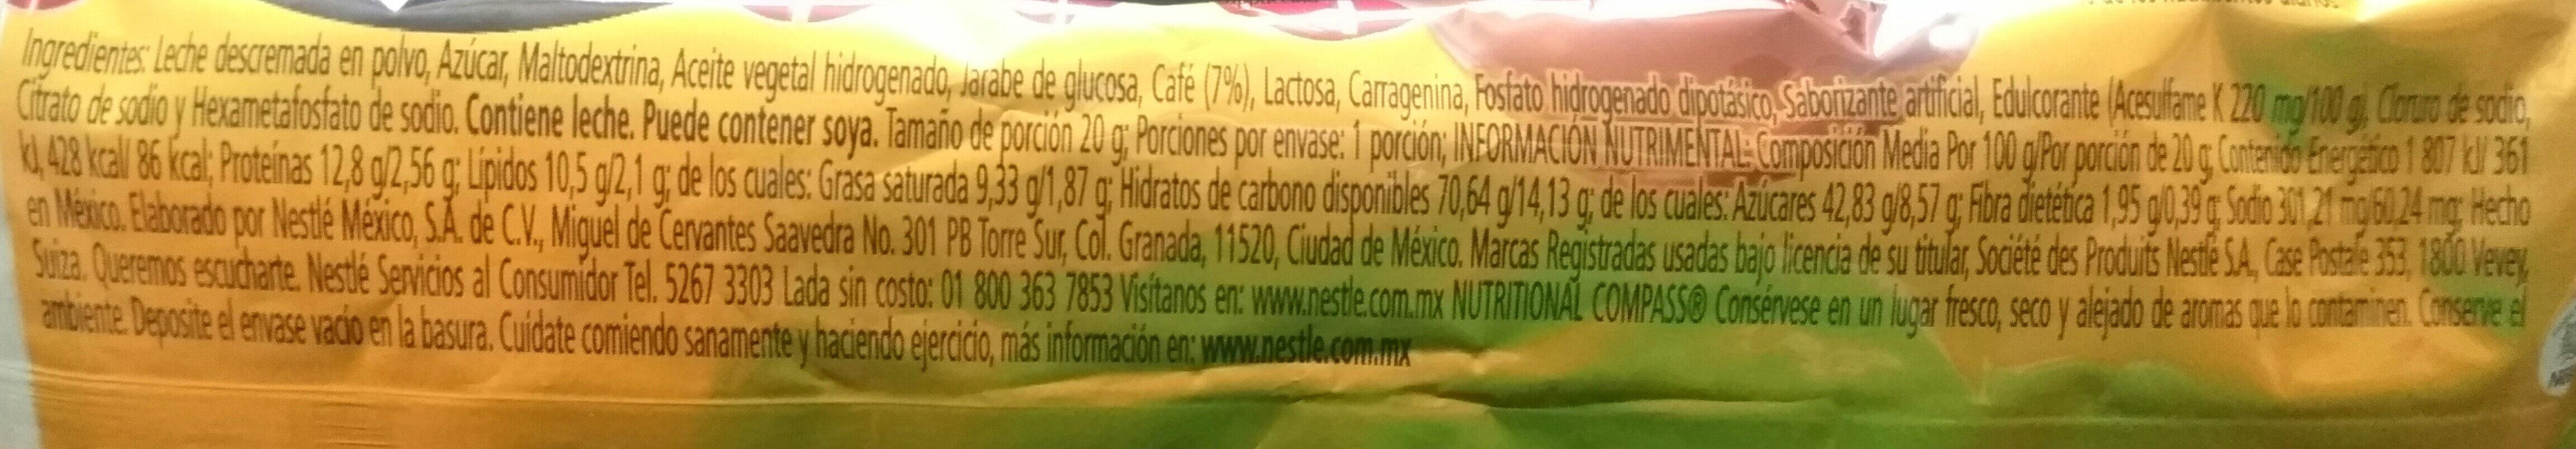 Nescafé cappuccino original - Ingrediënten - es